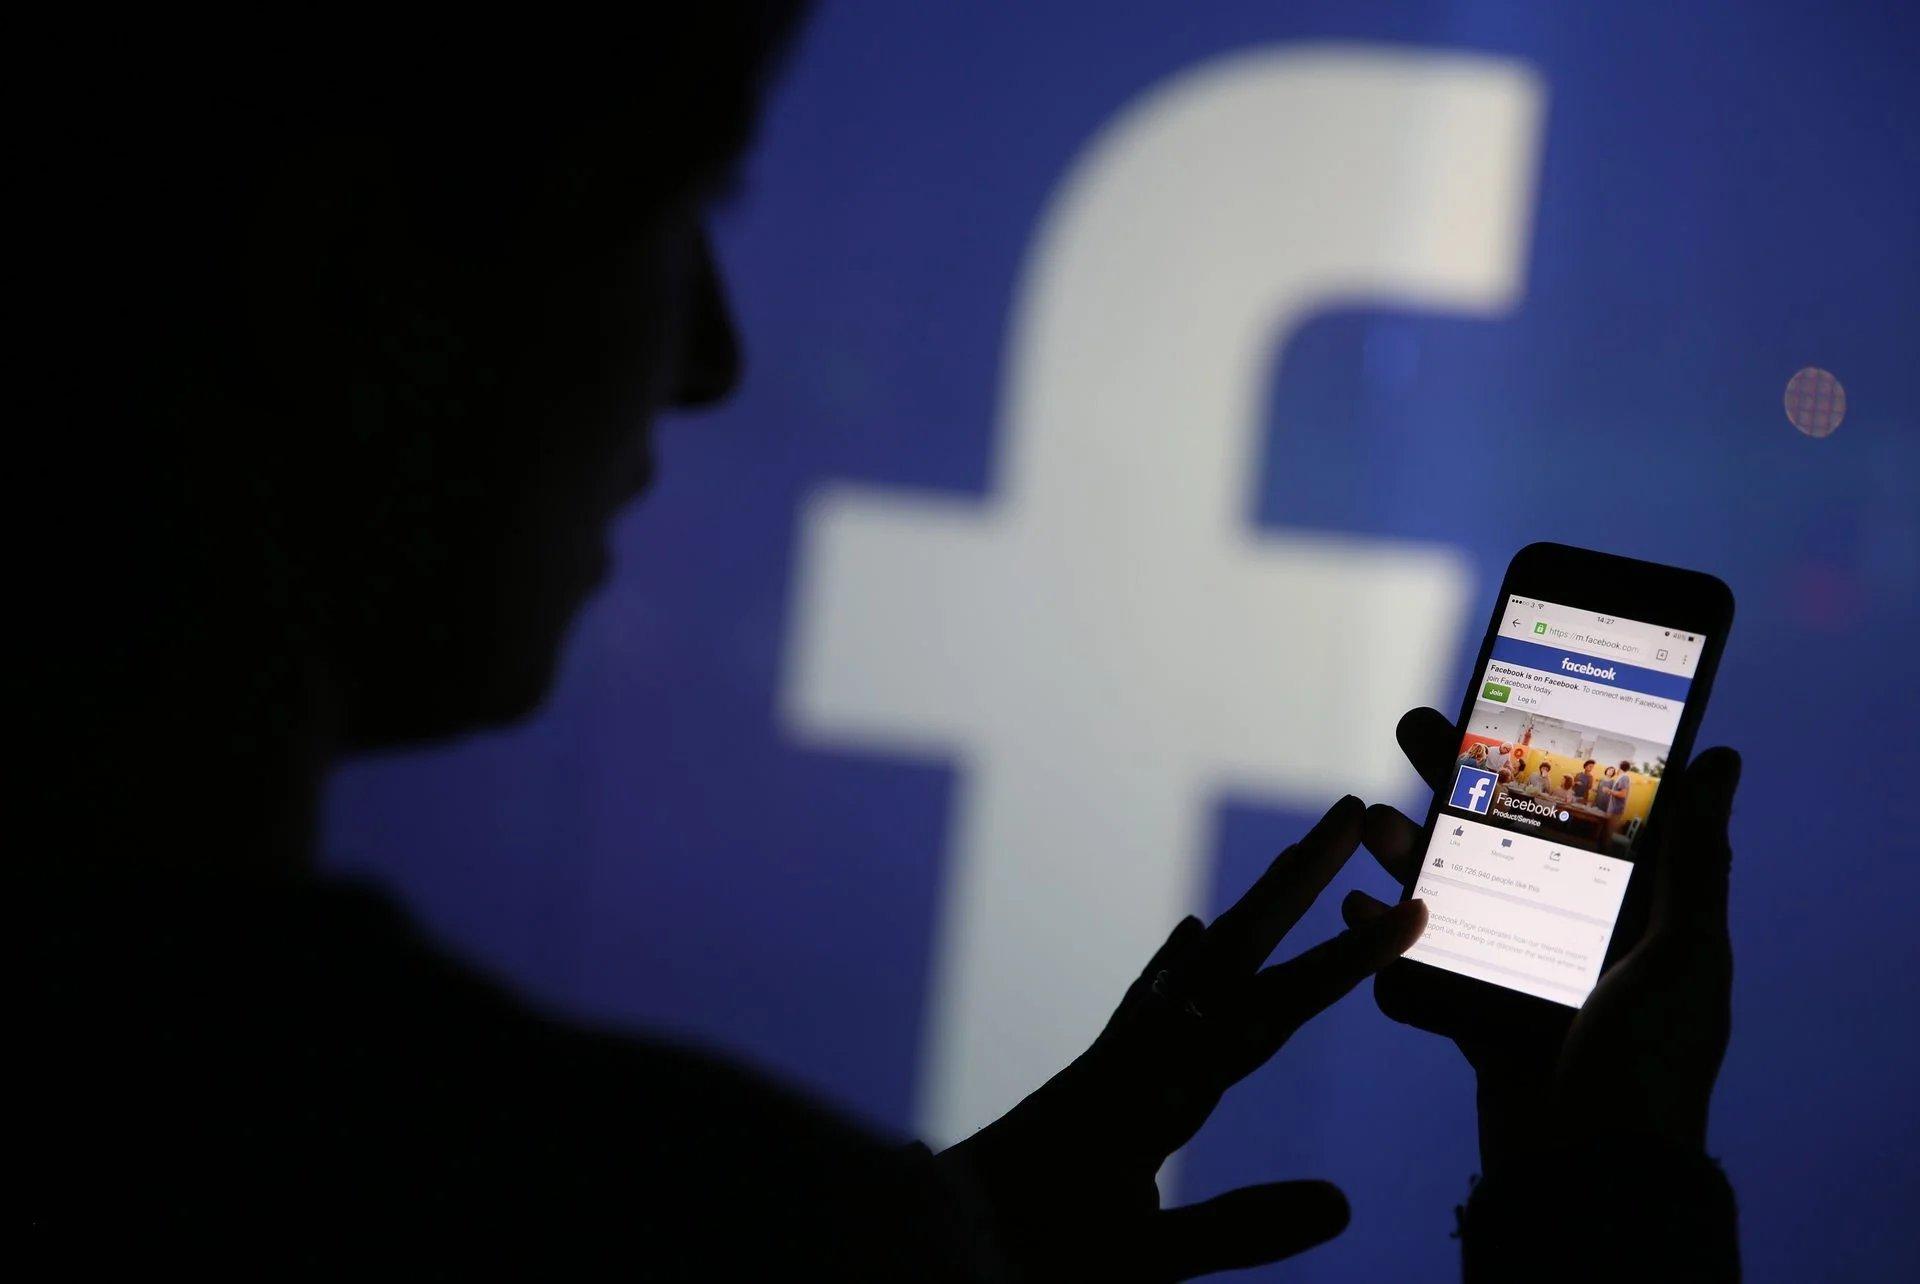 Avvocato per diffamazione su Facebook: quando la condotta diventa reato ?